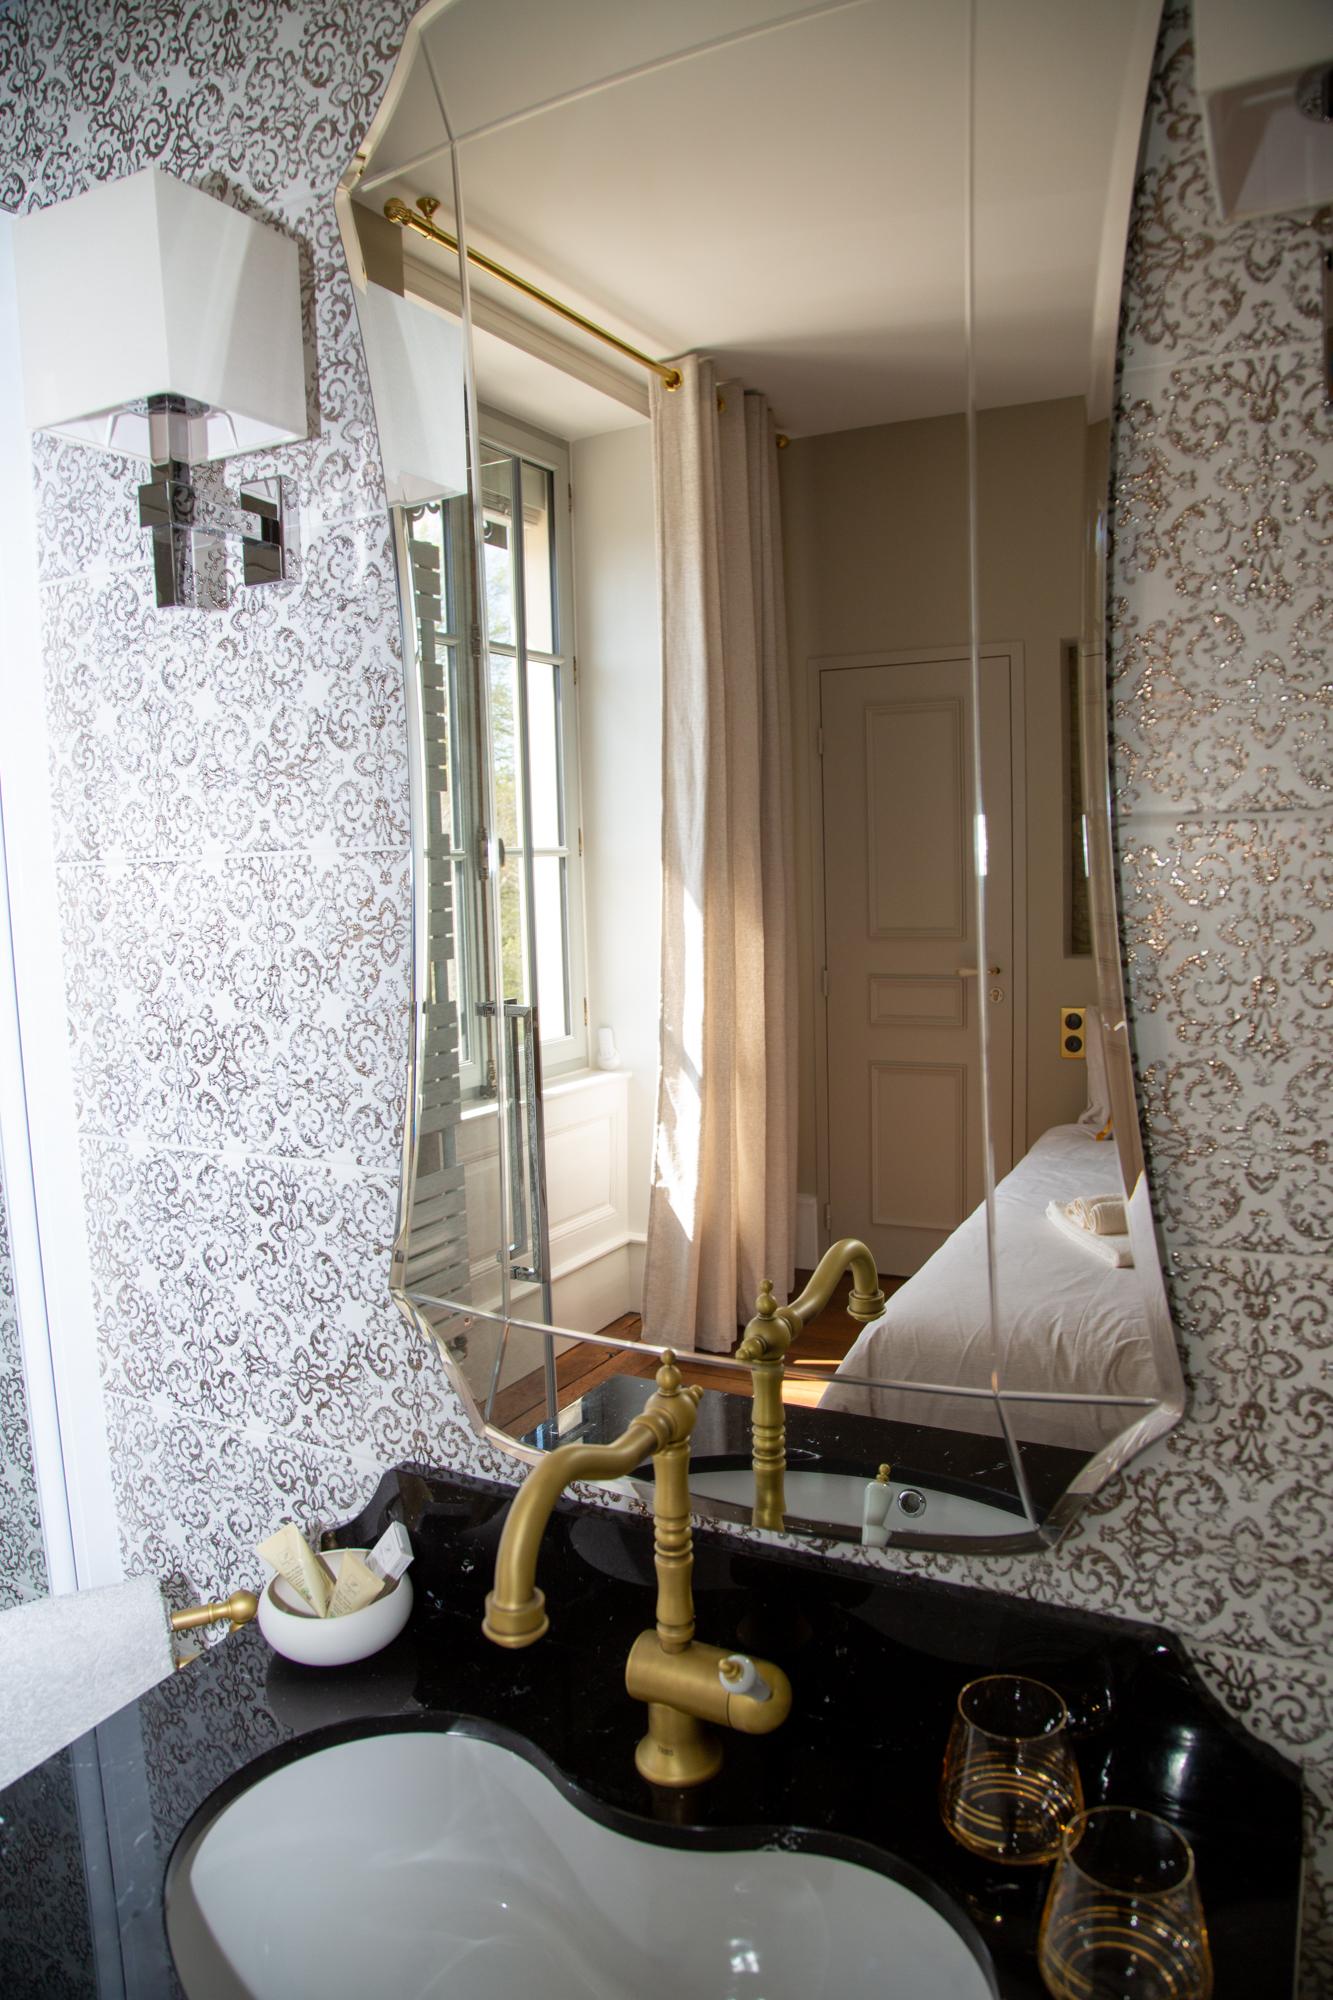 chambre d'hôtes Vanille